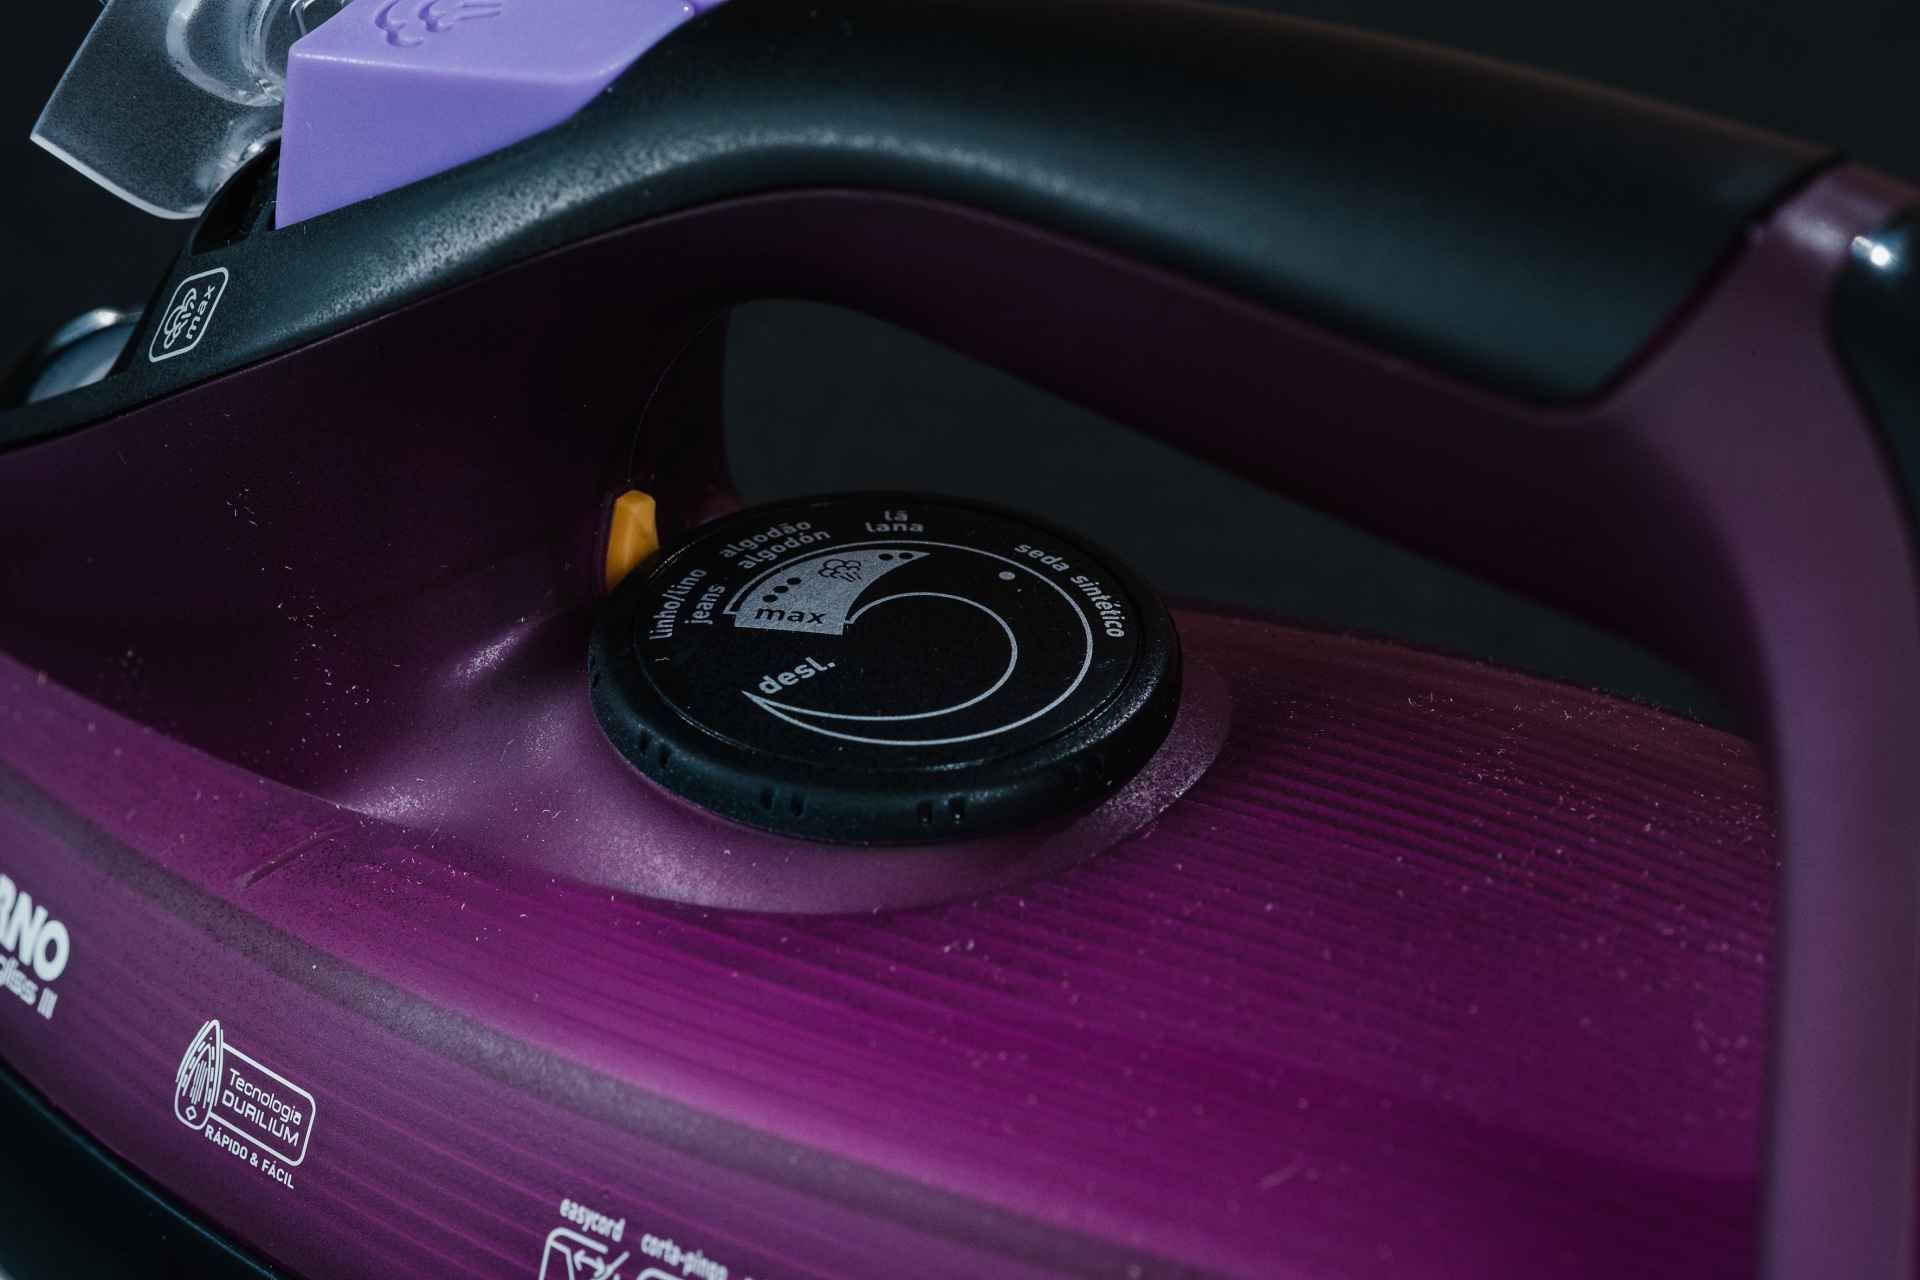 Detalhe do botão do ferro Arno Ultragliss 3 com os tipos de tecidos e a temperatura de cada um deles